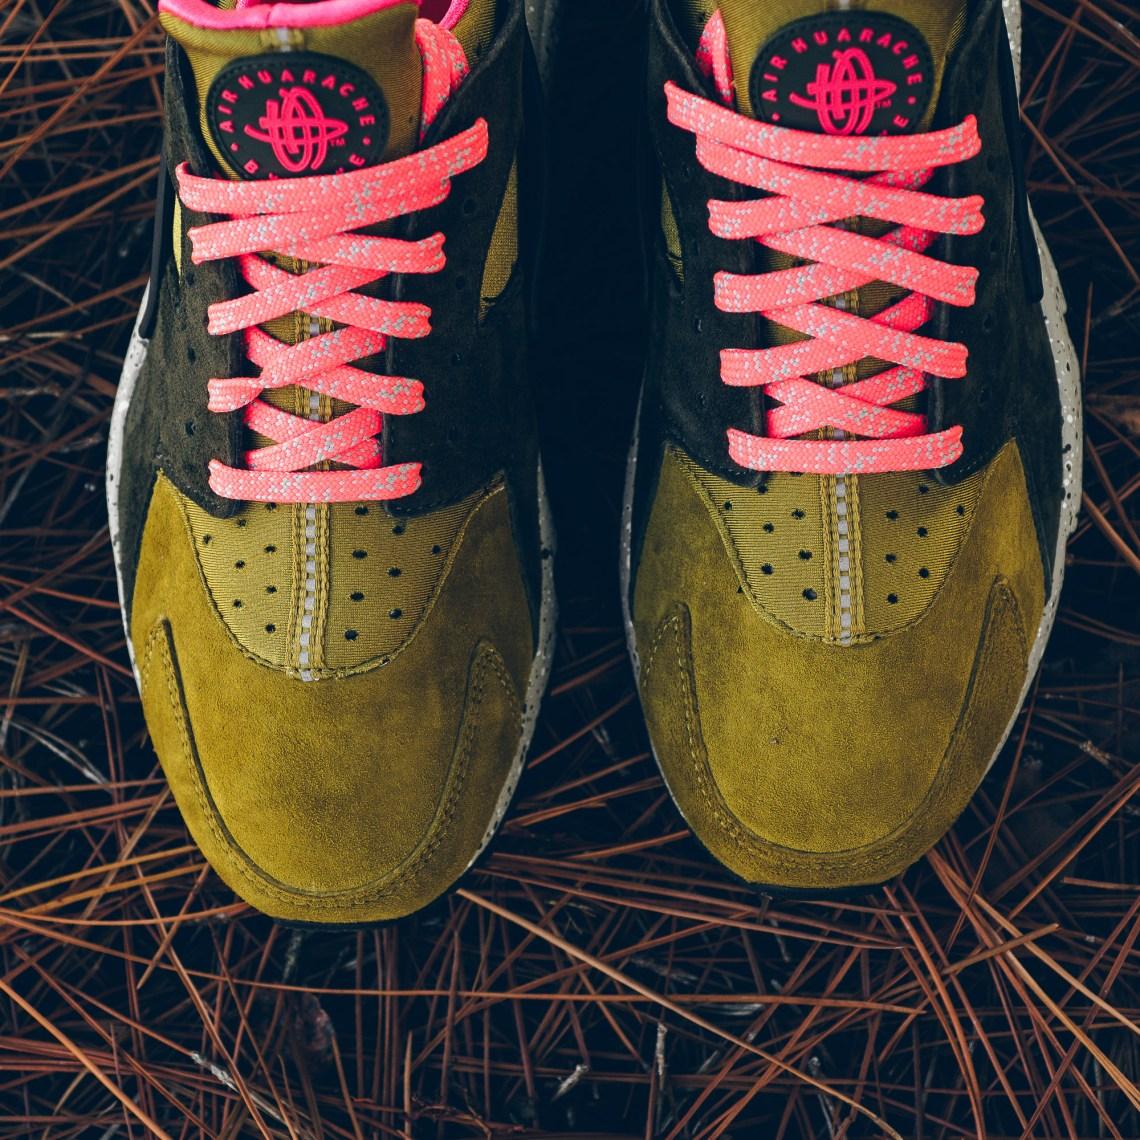 c765d3063139 Nike Air Huarache